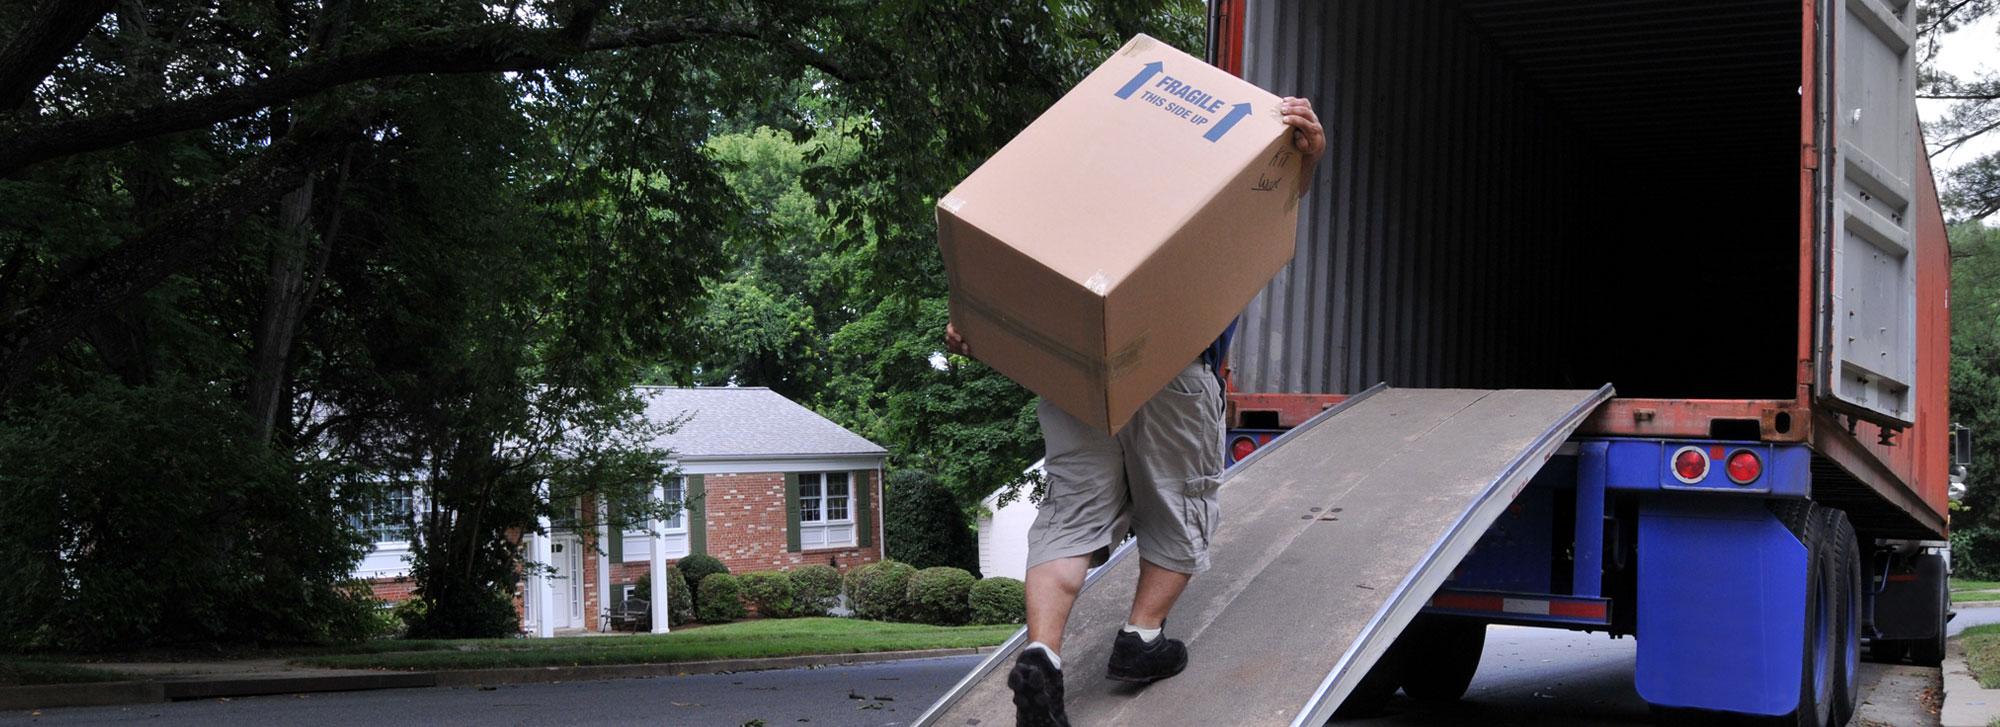 Backloading Furniture Services